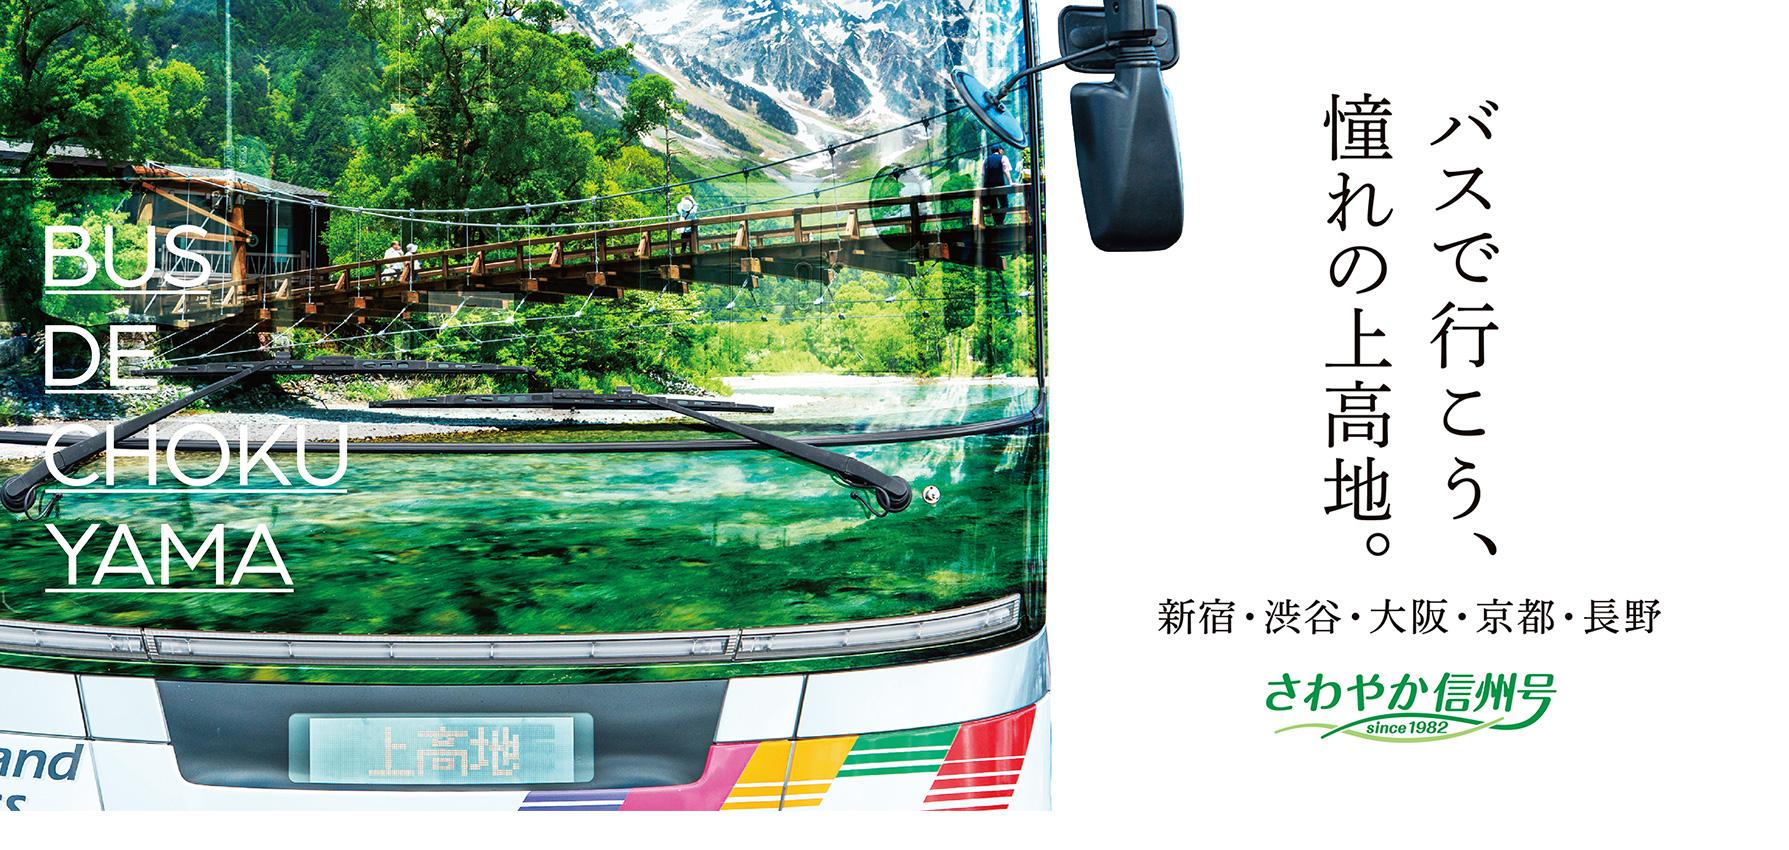 2021年 さわやか信州号 新宿~上高地線 / 東京~上高地線 / 大阪・京都~上高地線 3月17日(水)より予約受付開始! 大阪~白馬線も4月28日(水)より運行予定!3月24日(水)より予約受付いたします